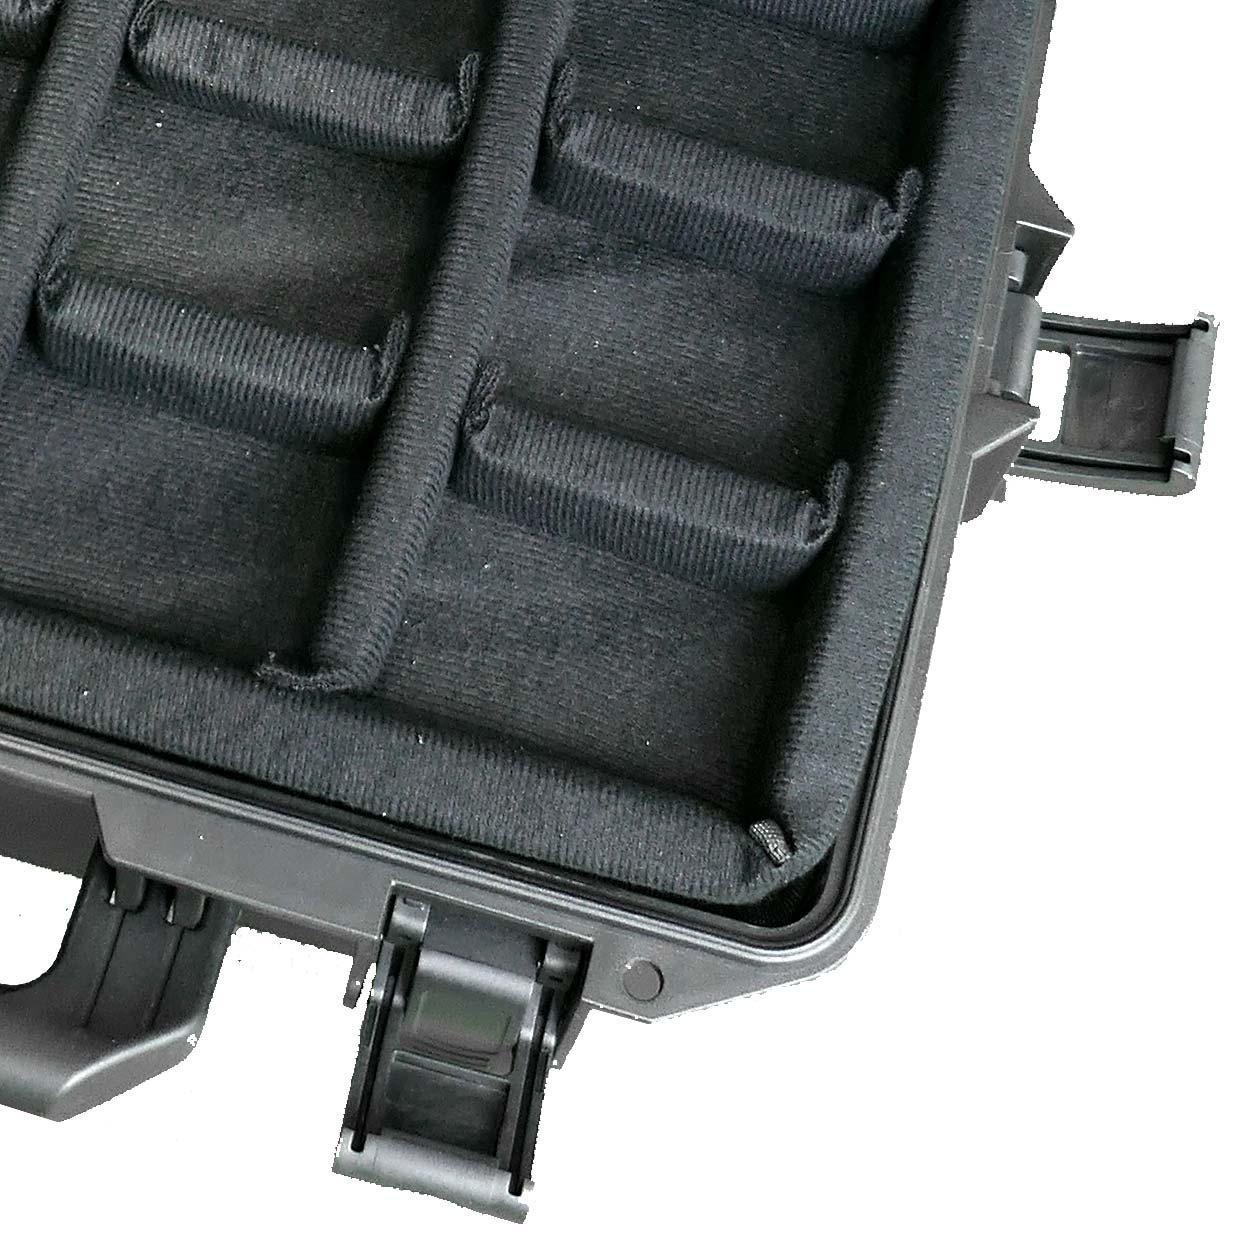 Sinora Koffer mit Klett Trennwänden